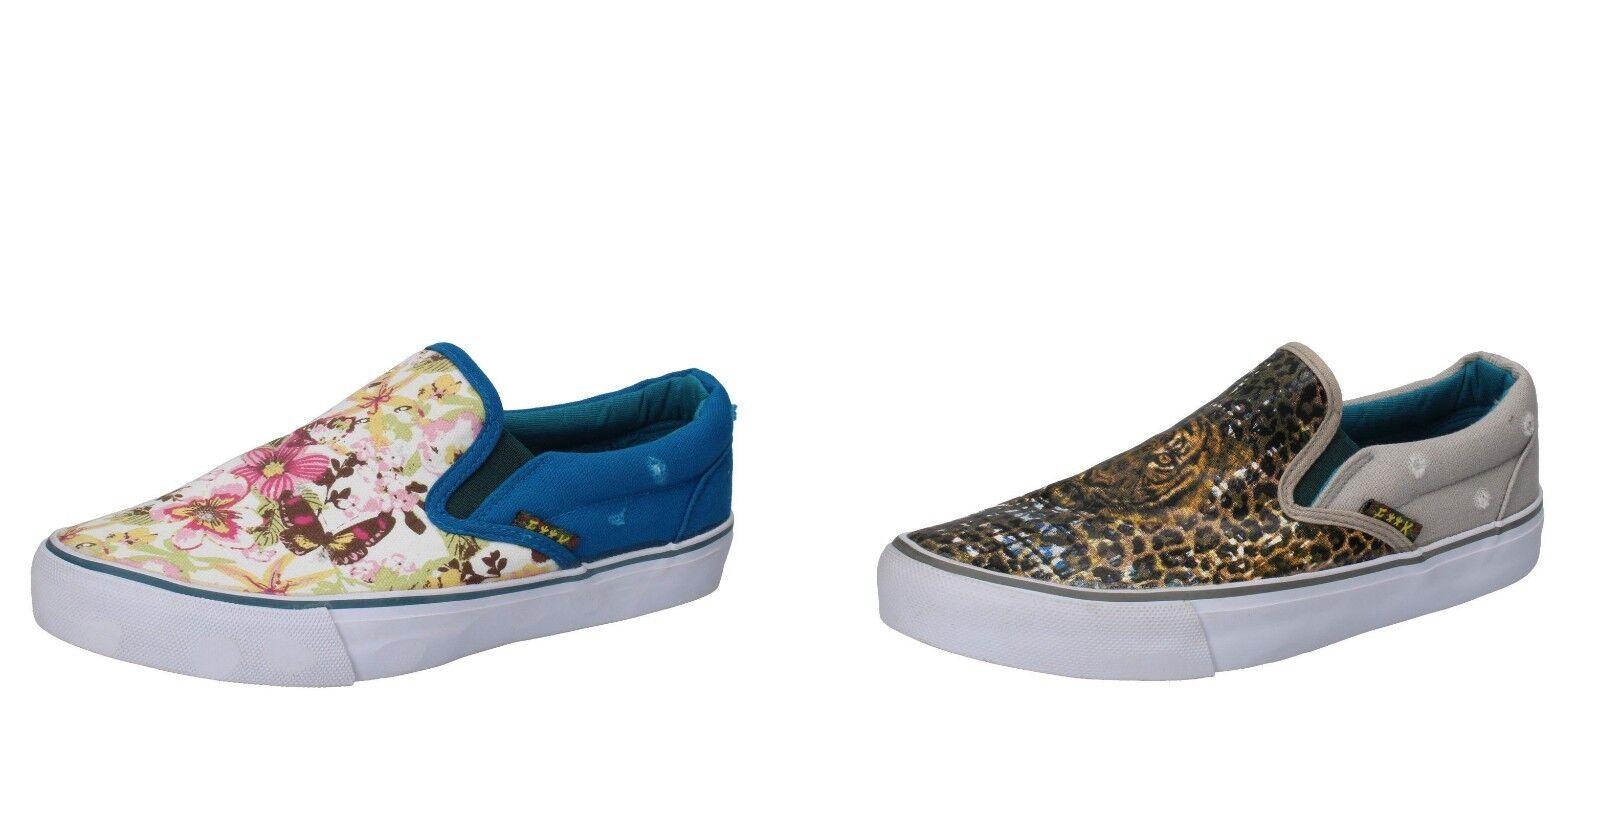 F**K on PROJECT scarpe donna slip on F**K mocassino tessuto blu a fiori - grigio tigrato 118072